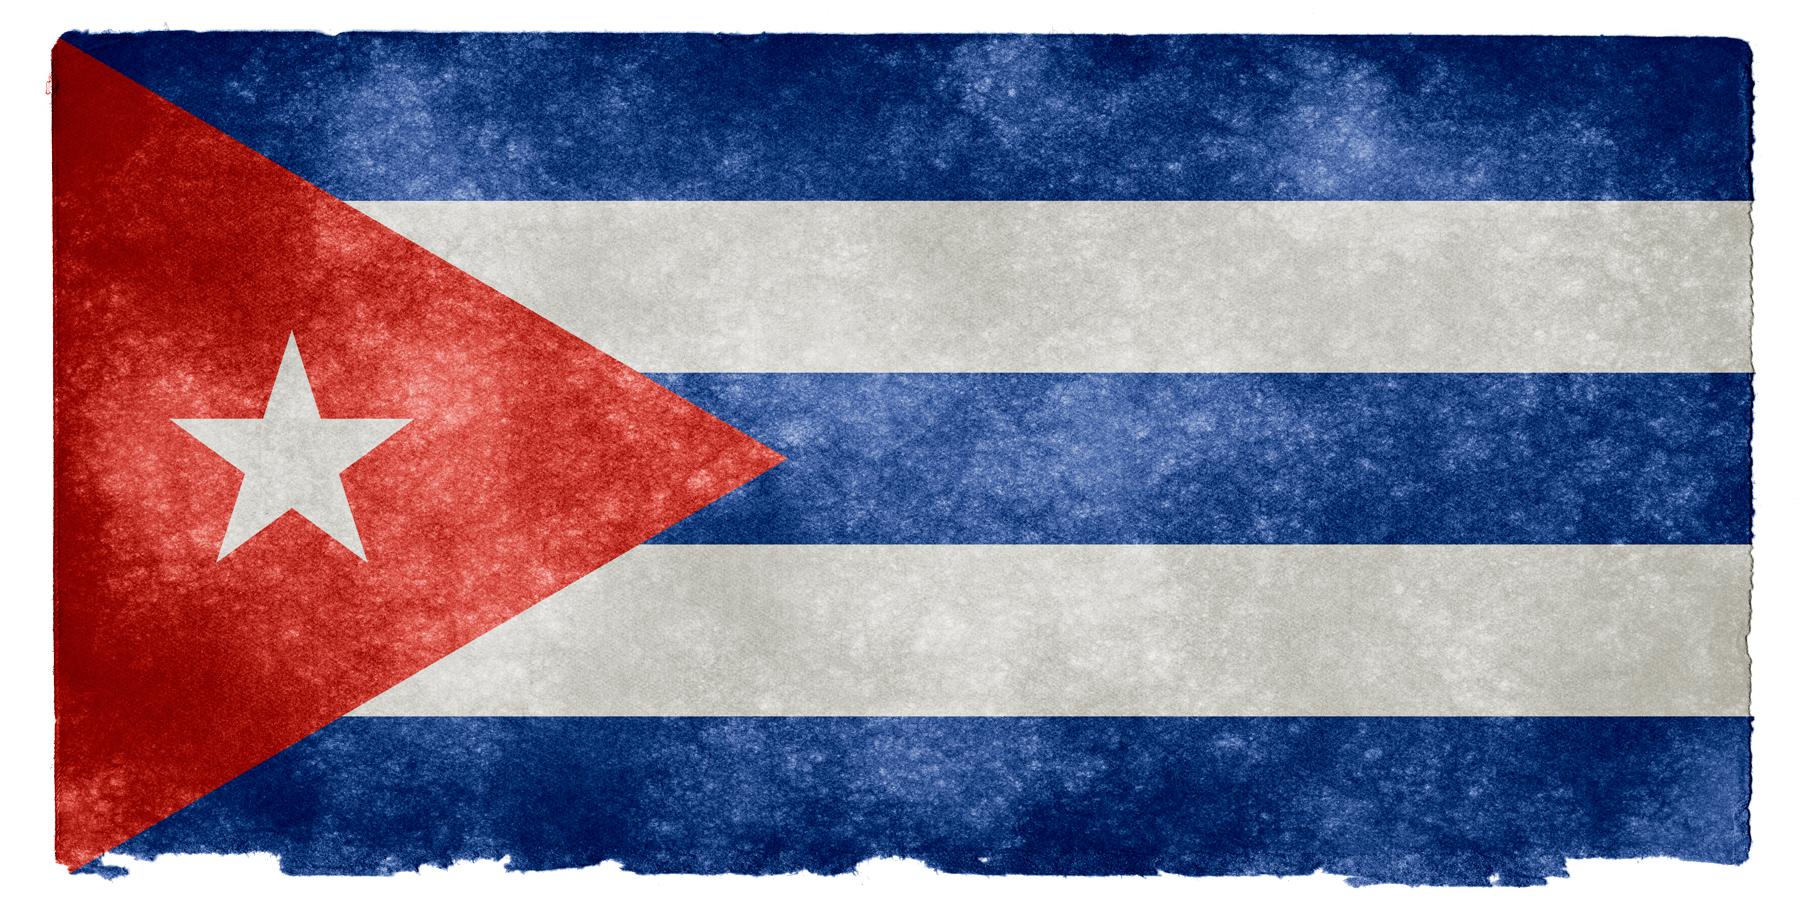 Concluye Feria Internacional del Turismo de Cuba con participación récord